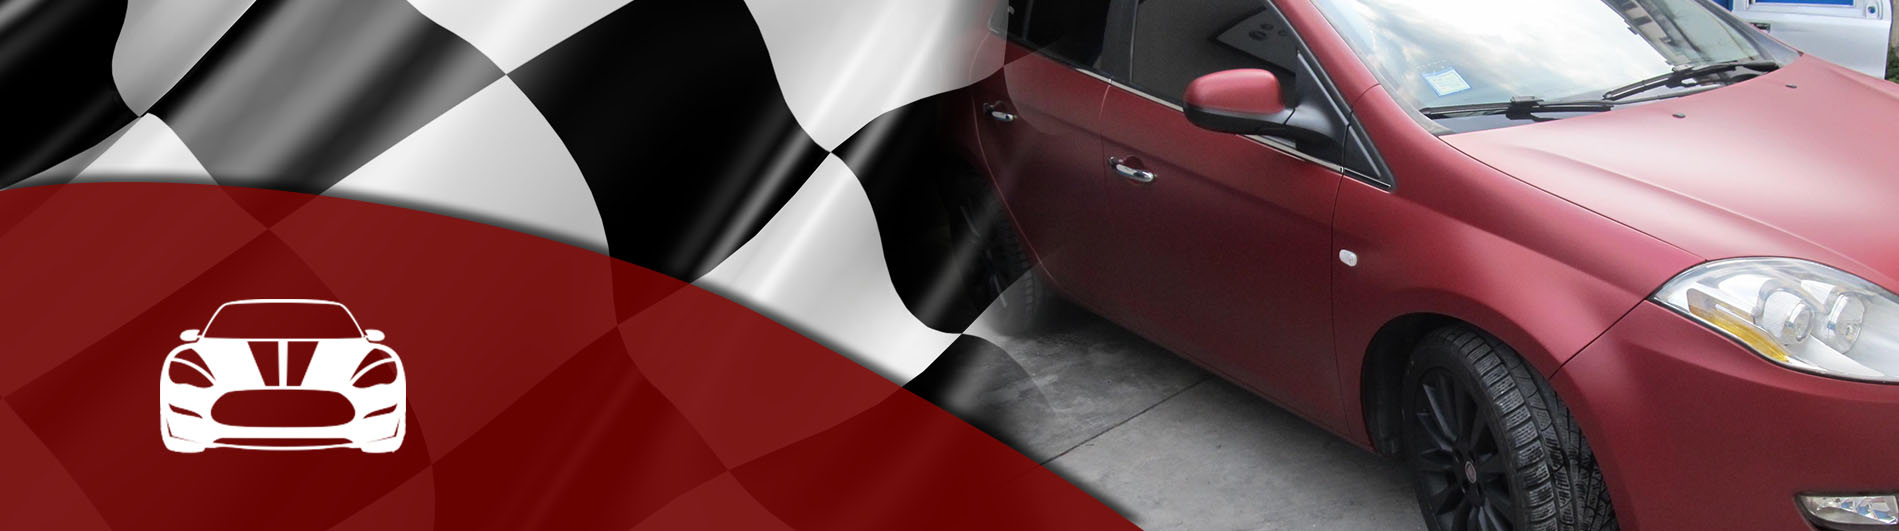 Carrozzeria Ventimiglia di G. Calà - testata - verniciature personalizzate e car wrapping - carrozzeria Torino